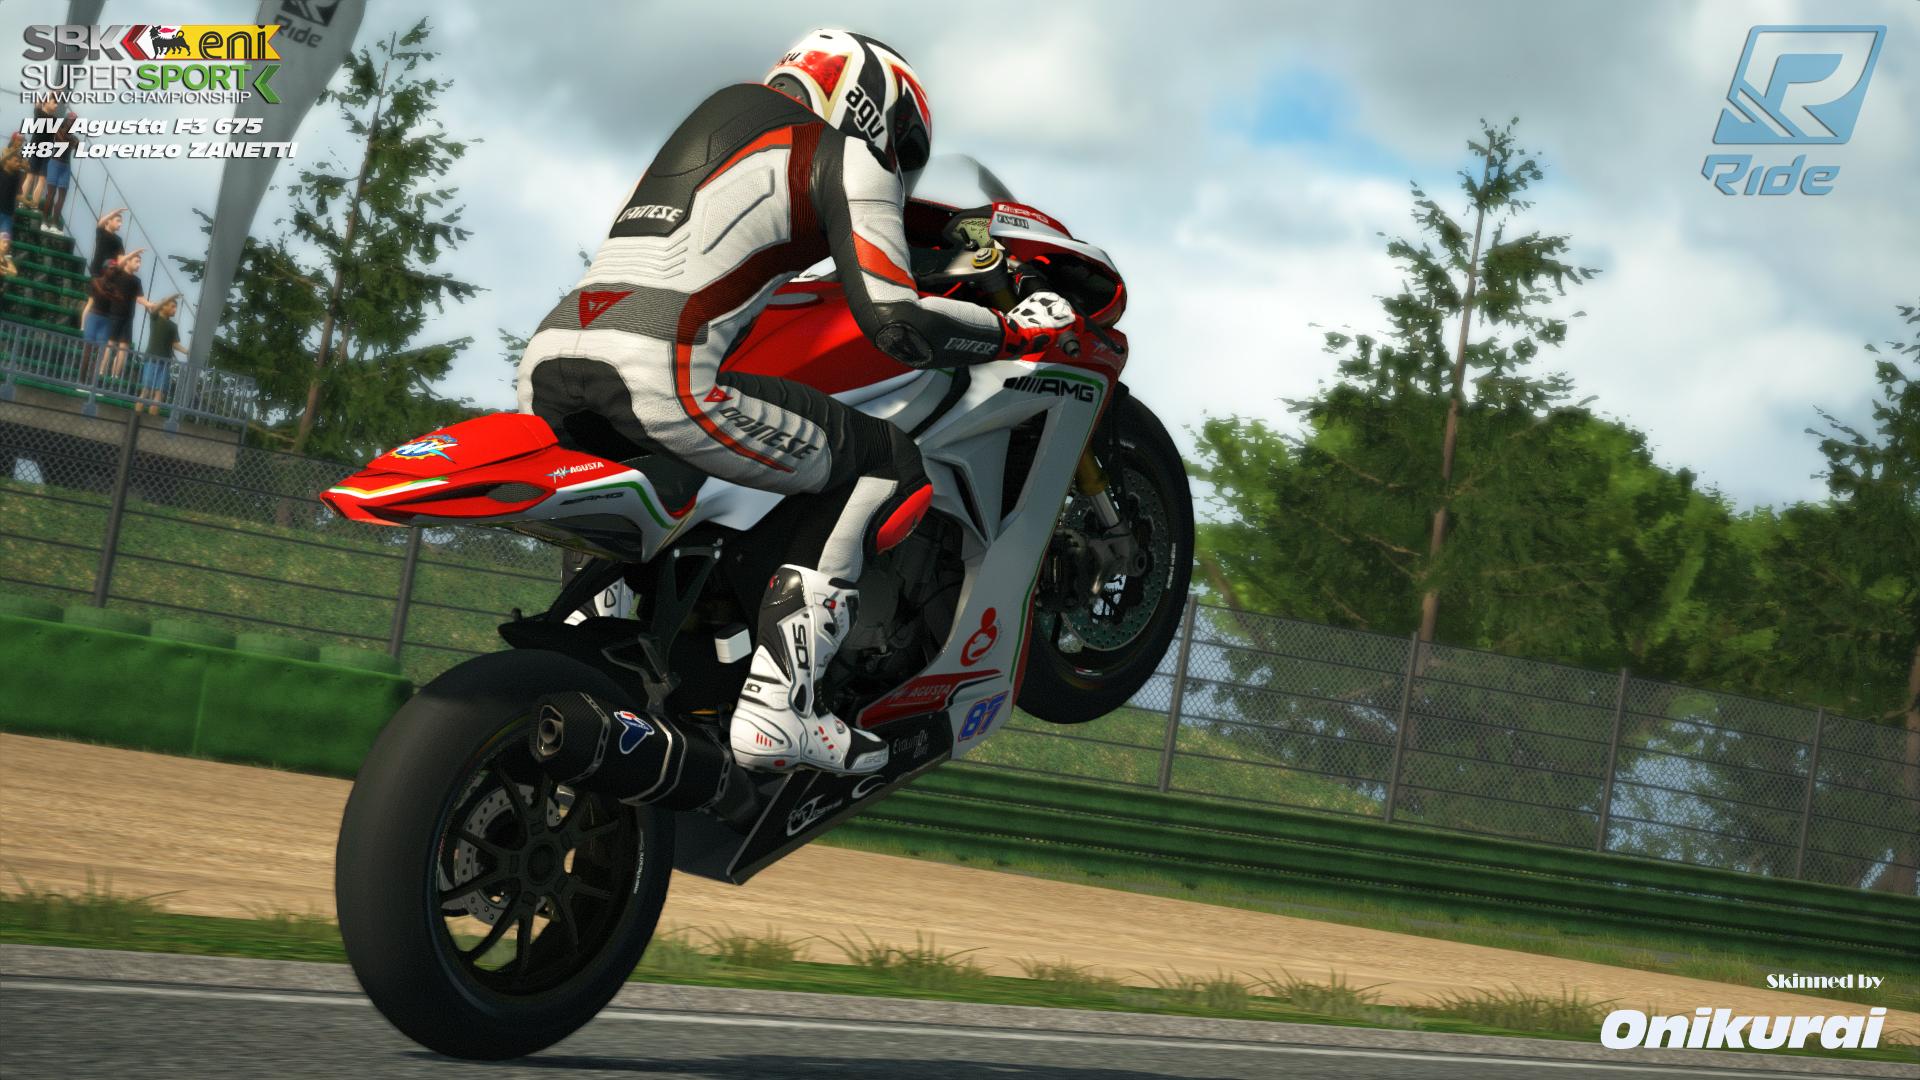 Ride #87 MV F3 675 Zanetti